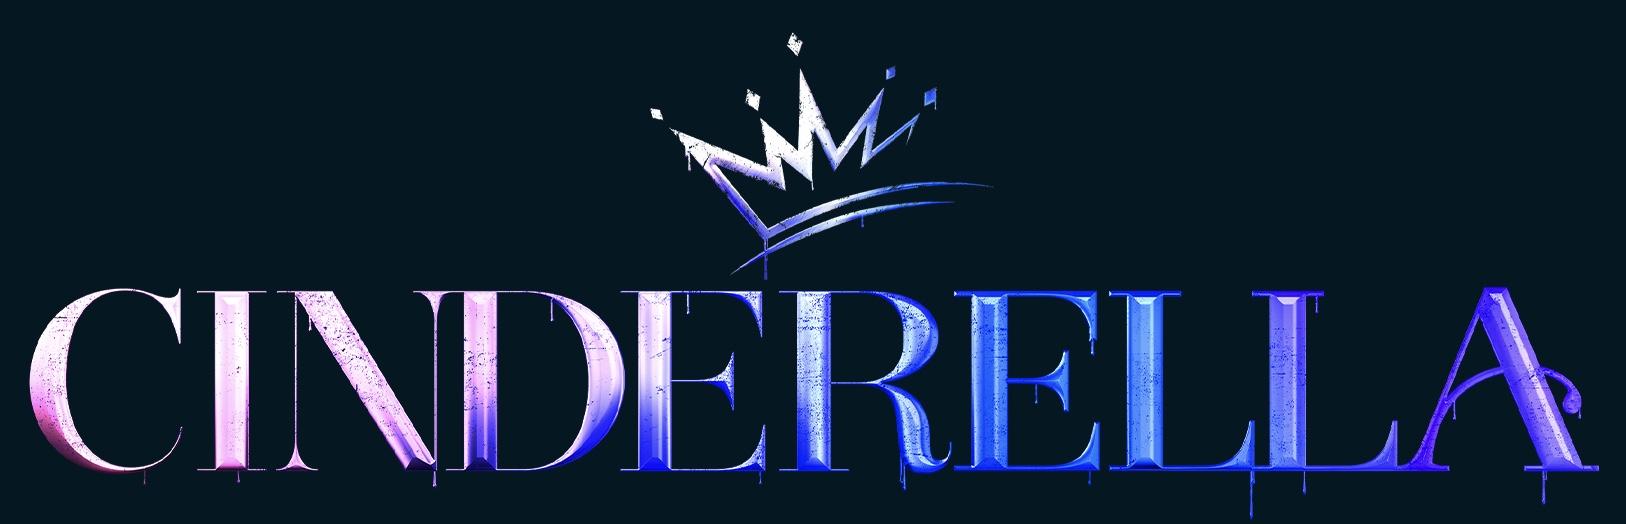 Cinderella (2021 film)